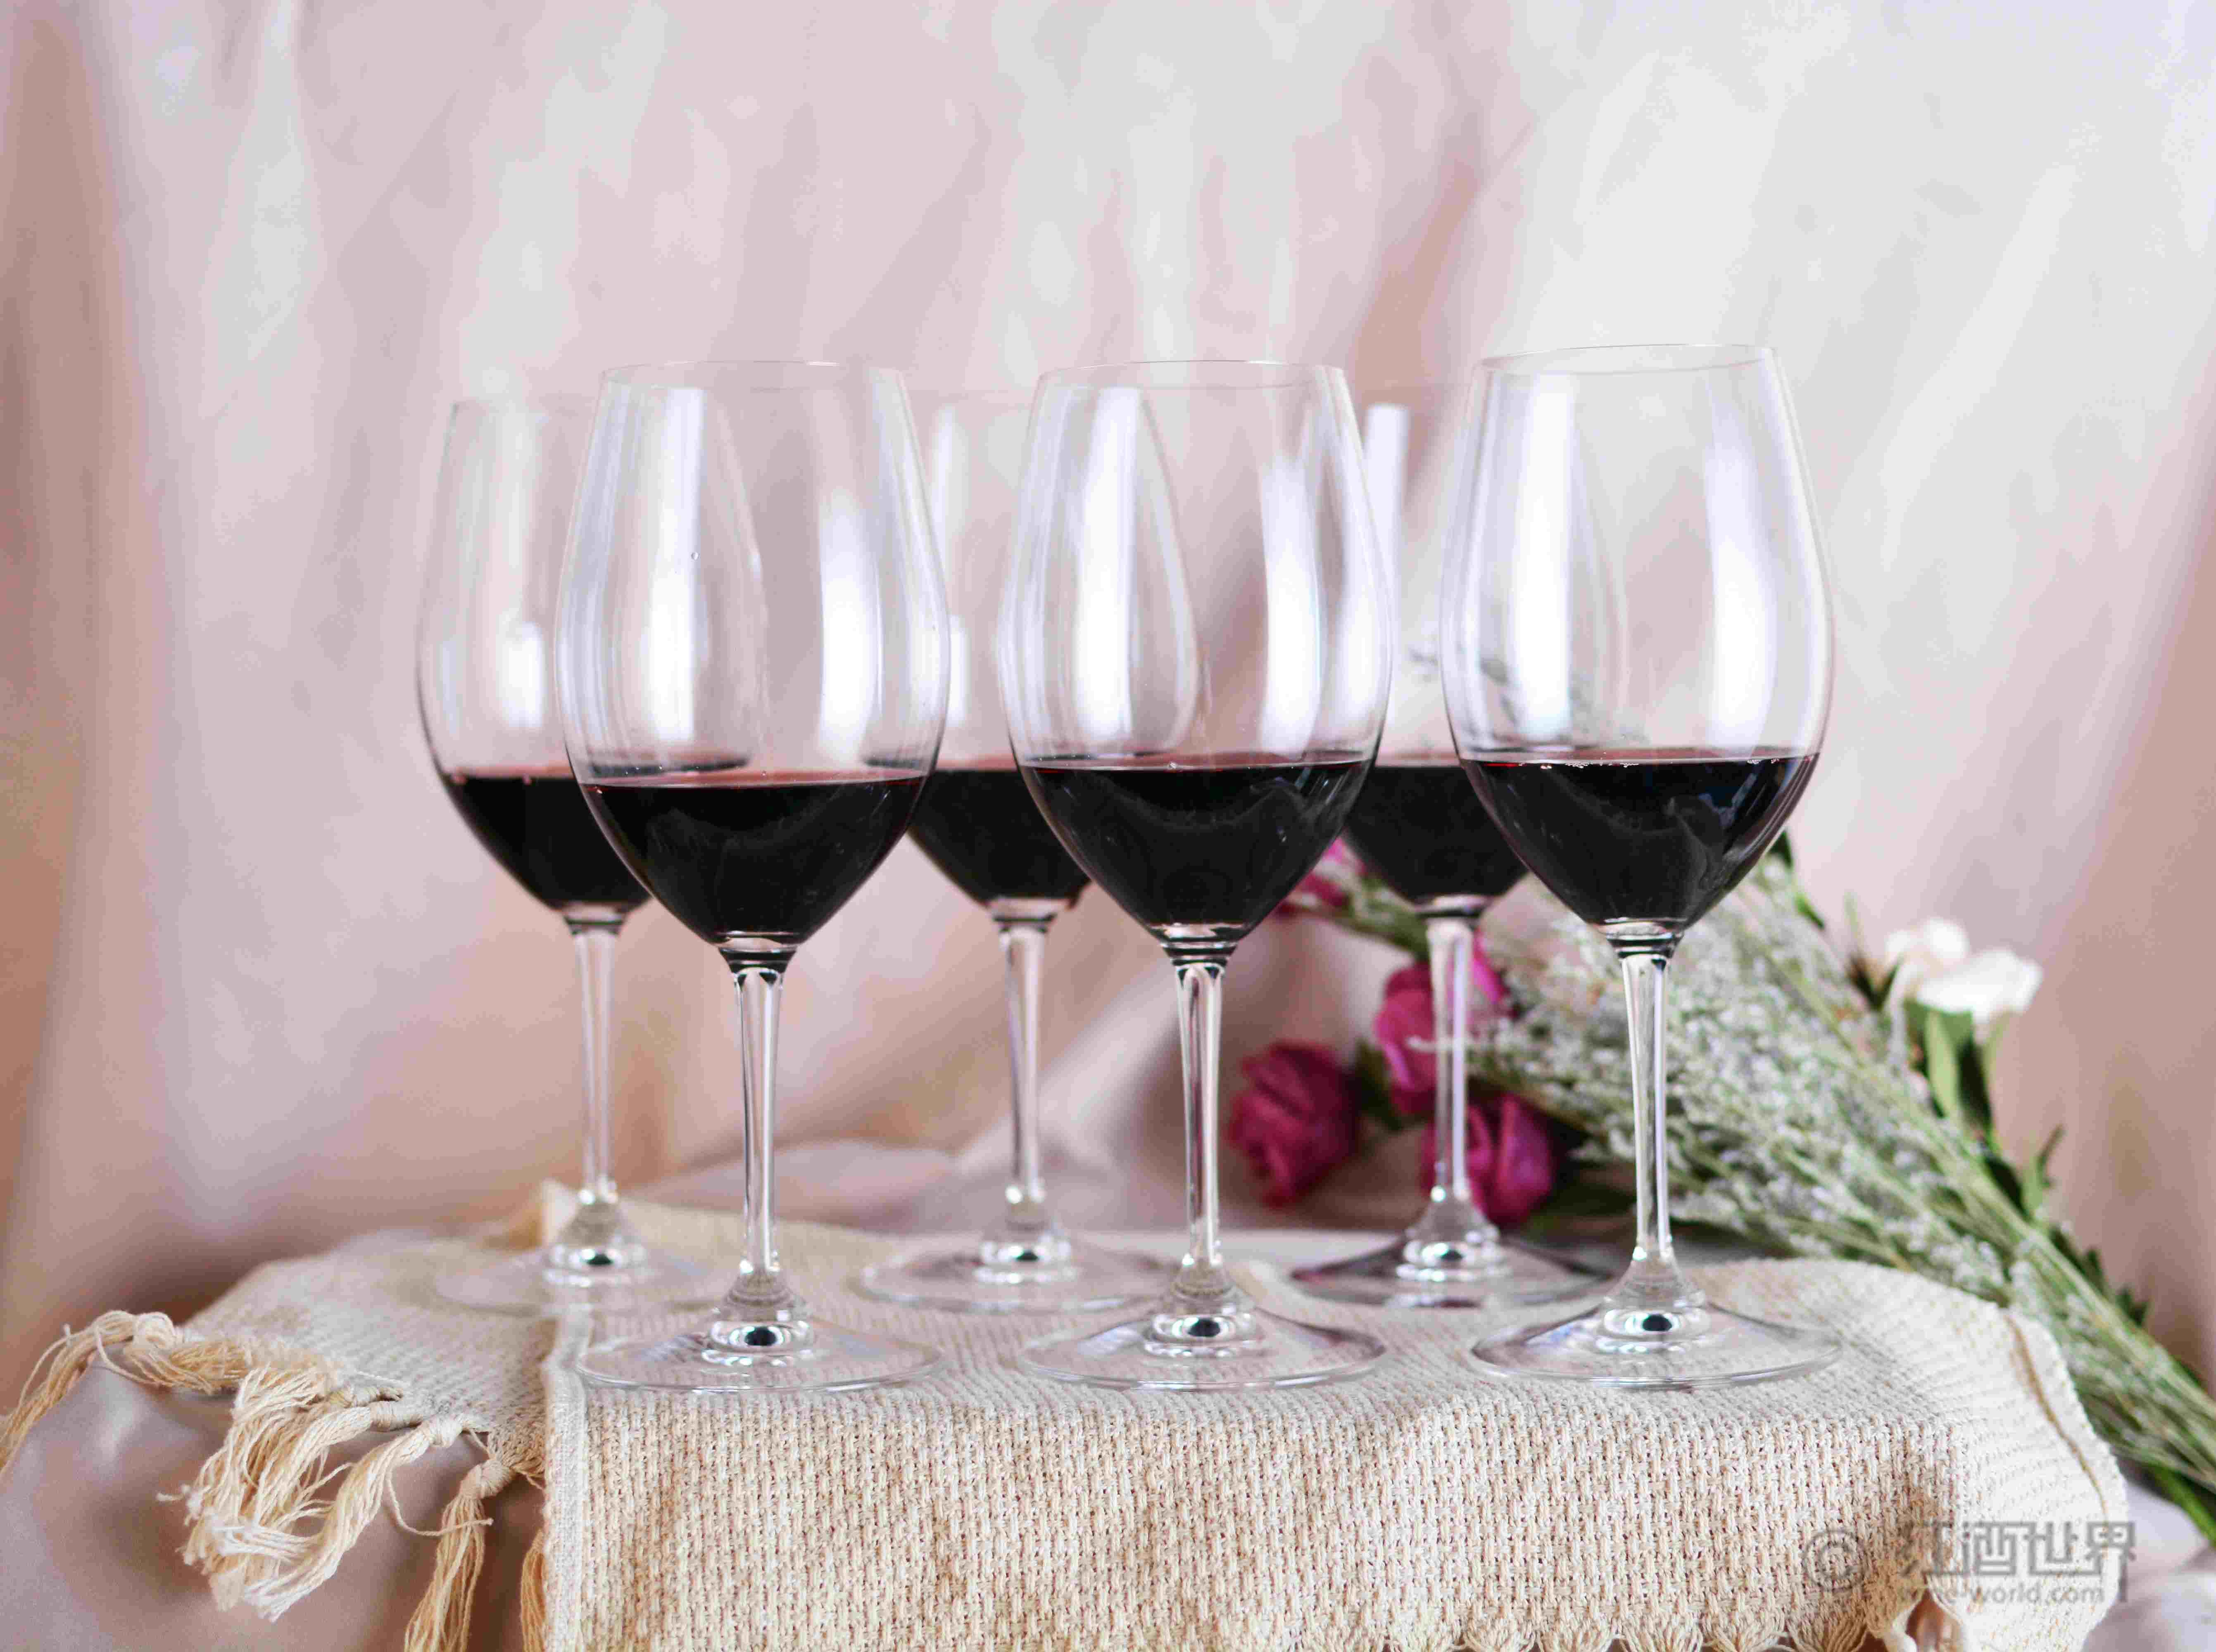 意大利最主要的红葡萄酒和白葡萄酒